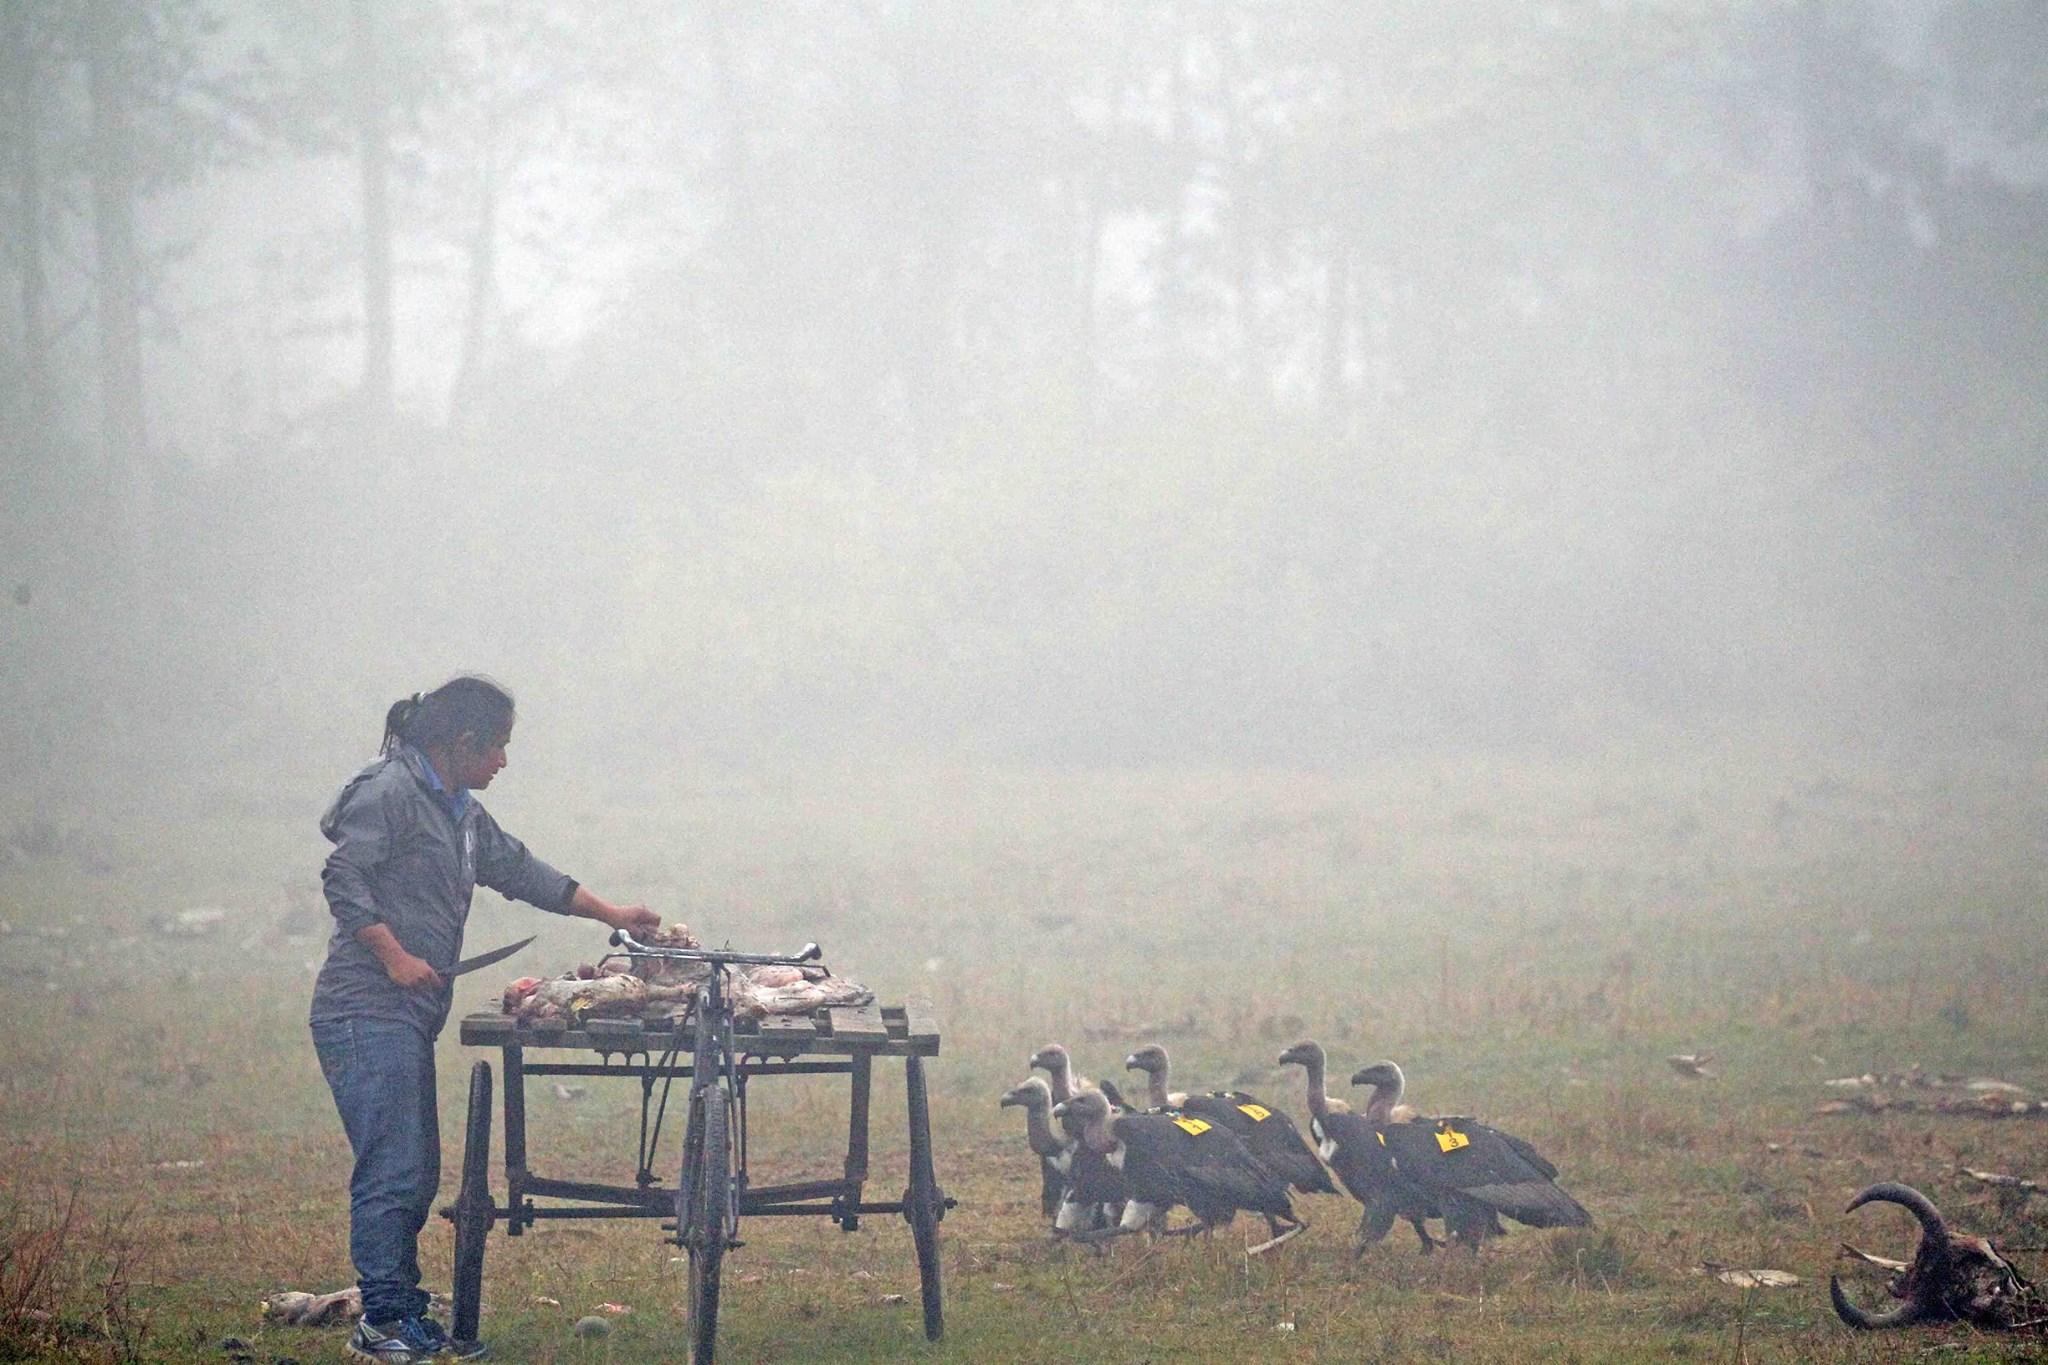 尼泊爾 猛禽餐廳